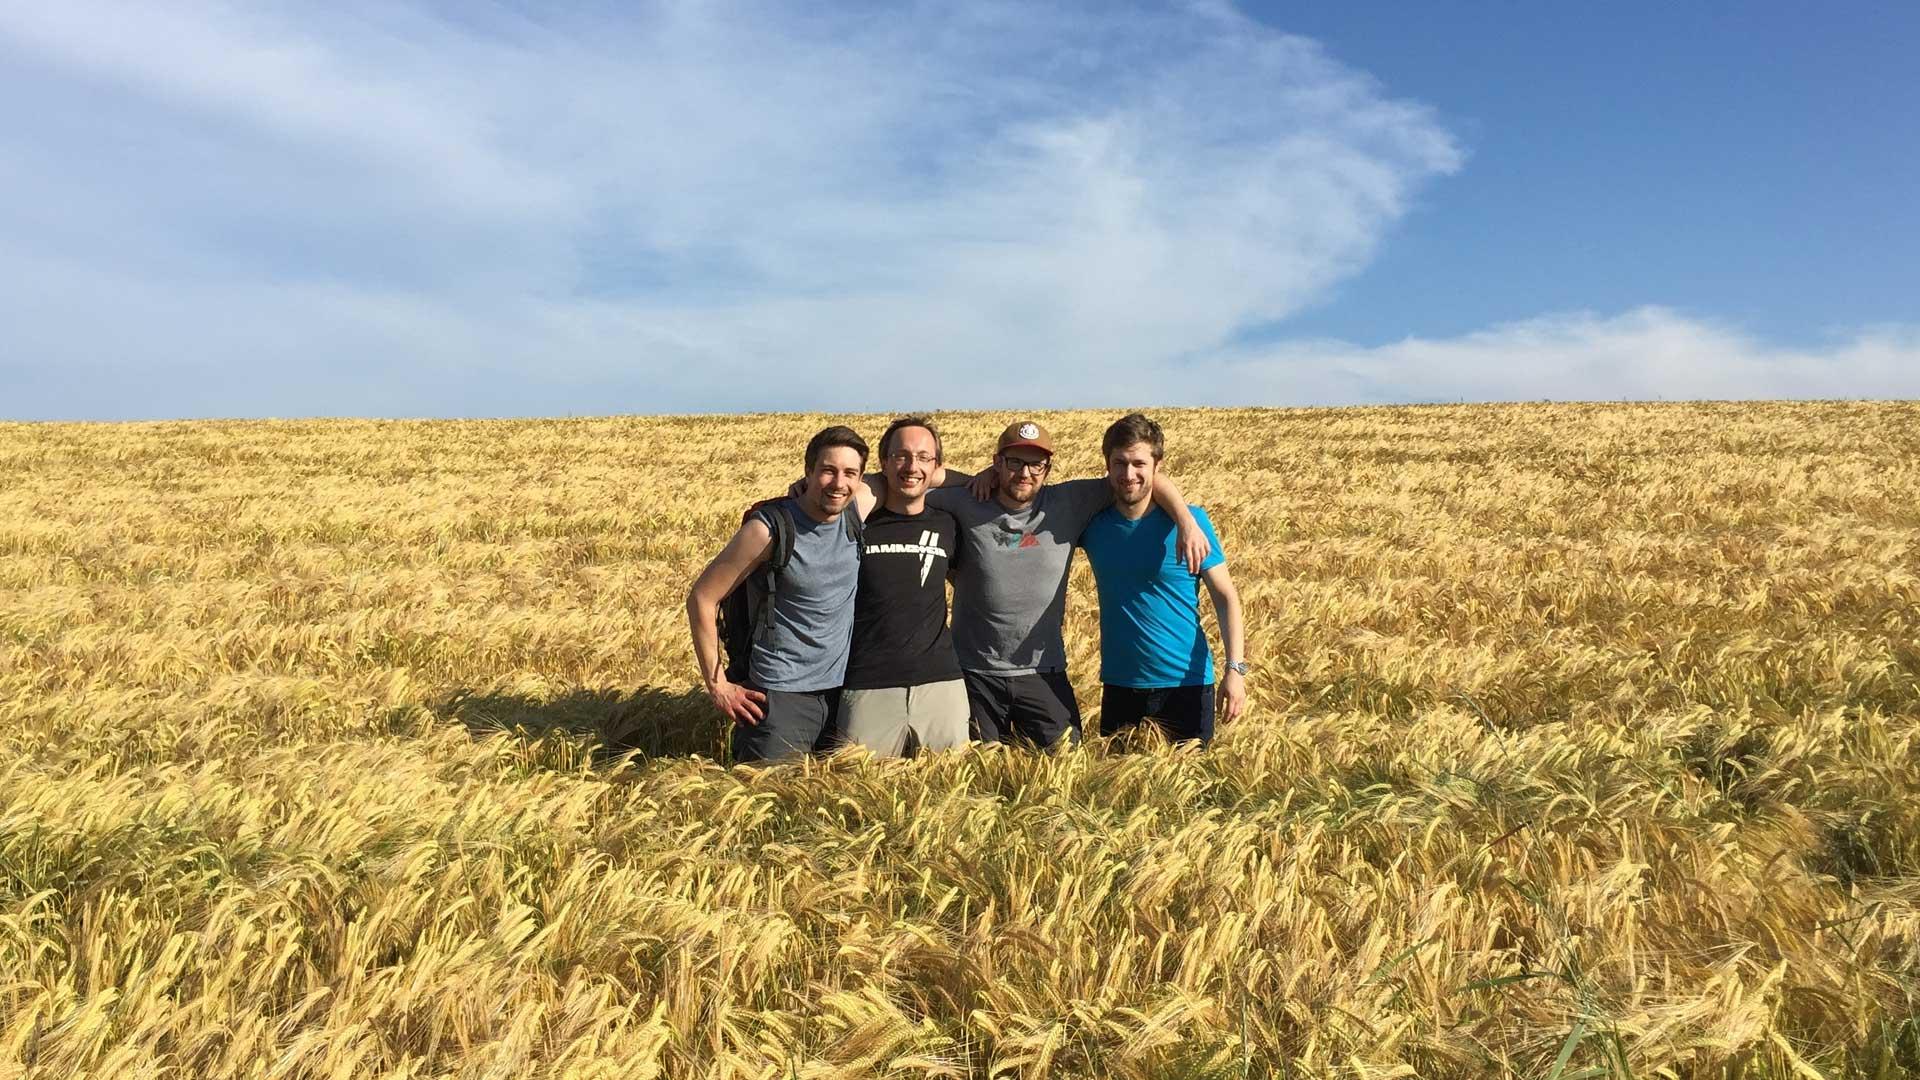 Les algorithmes de Green Spin, qui analysent des images satellite et exploitent les données météorologiques des quinze dernières années, ne sont pas seulement utiles aux agriculteurs : en limitant la pollution des sols, ils sont aussi bons pour la planète